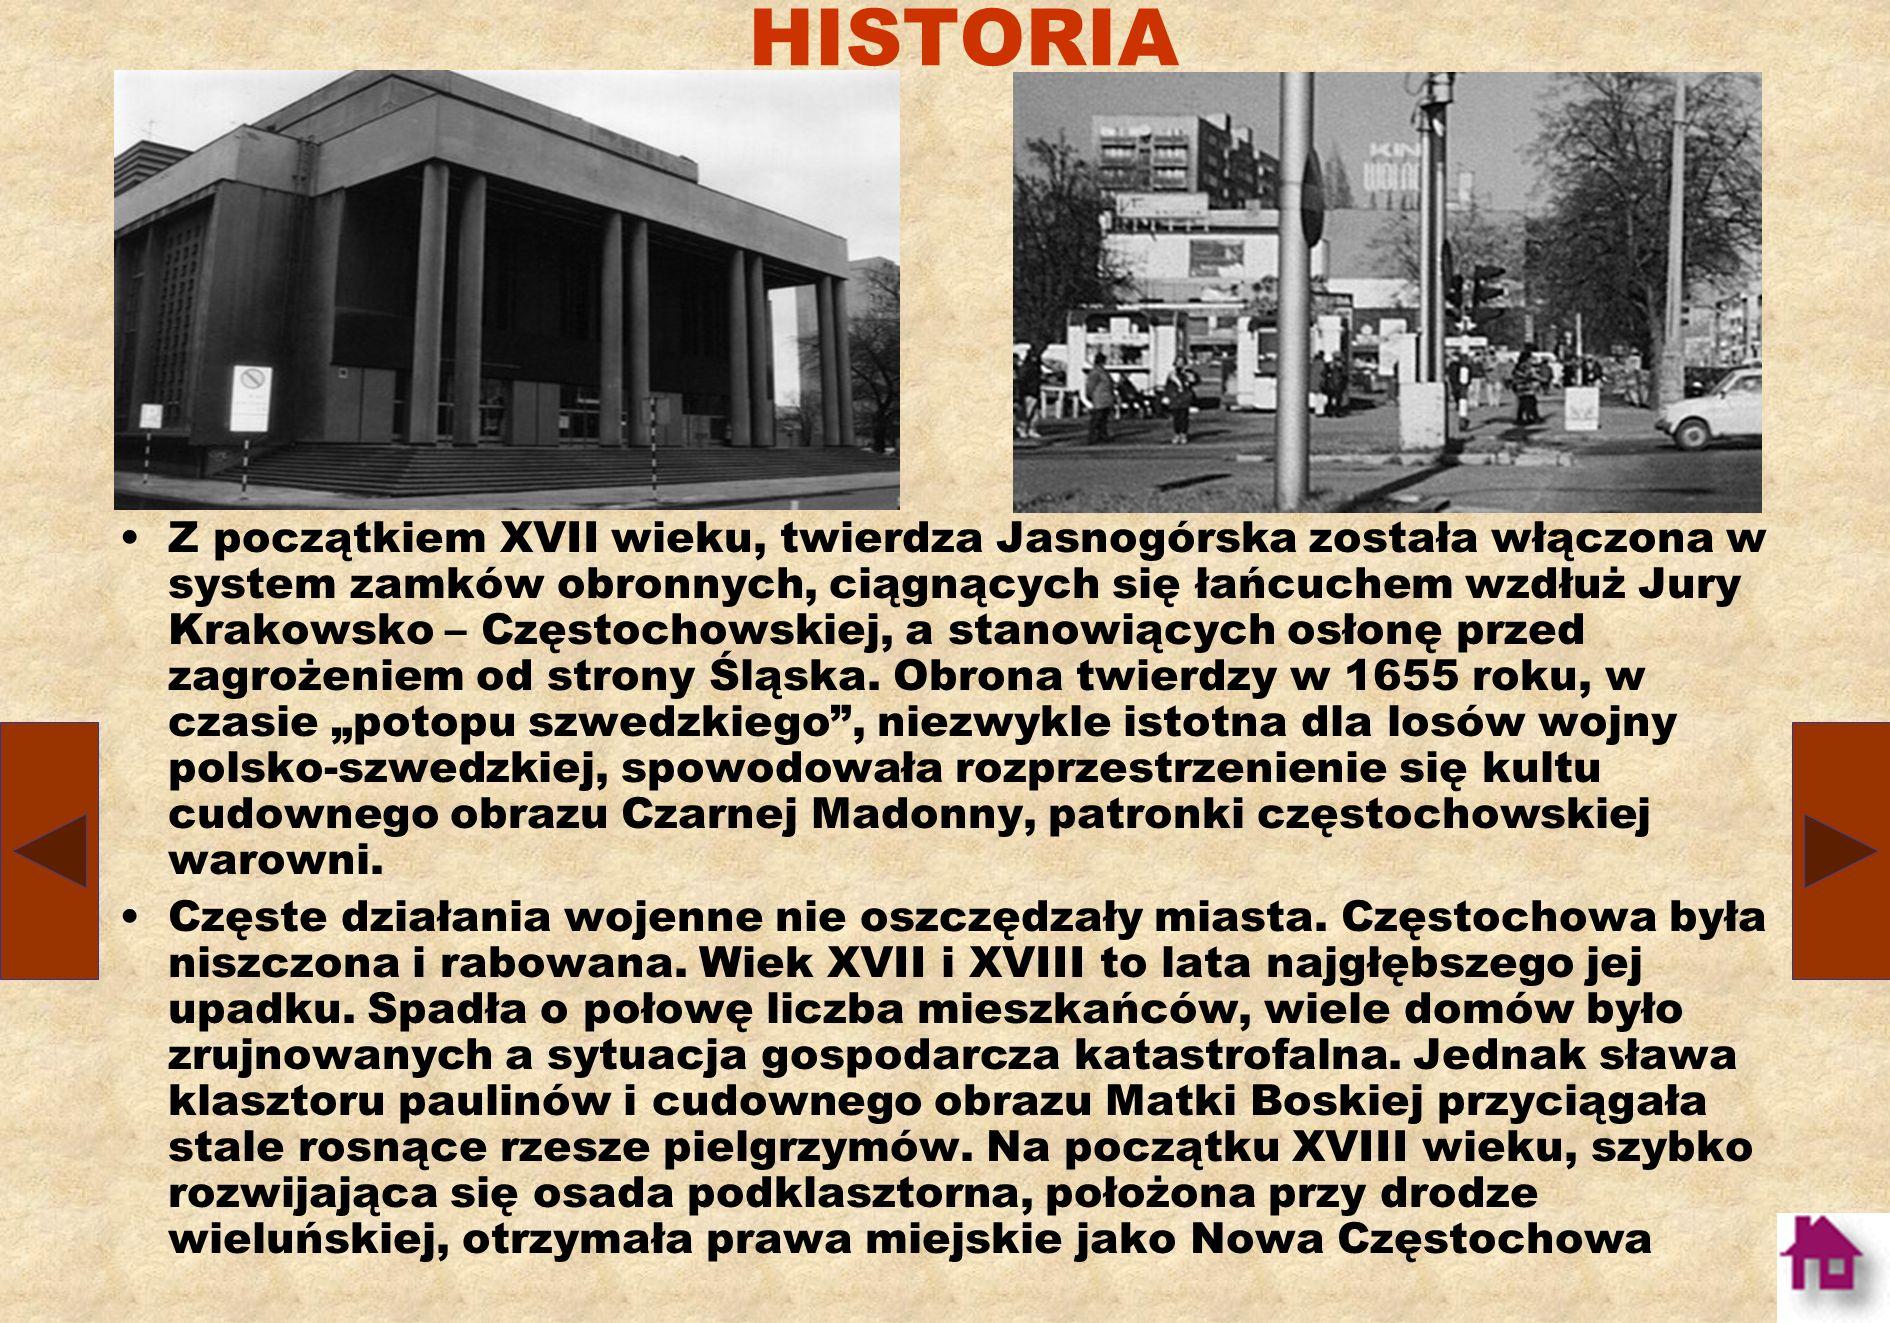 HISTORIA Mieszczanie trudnili się handlem, rzemiosłem ale również rolnictwem, ogrodnictwem i hodowlą. Funkcjonowały karczmy i zajazdy, choć obsługę co